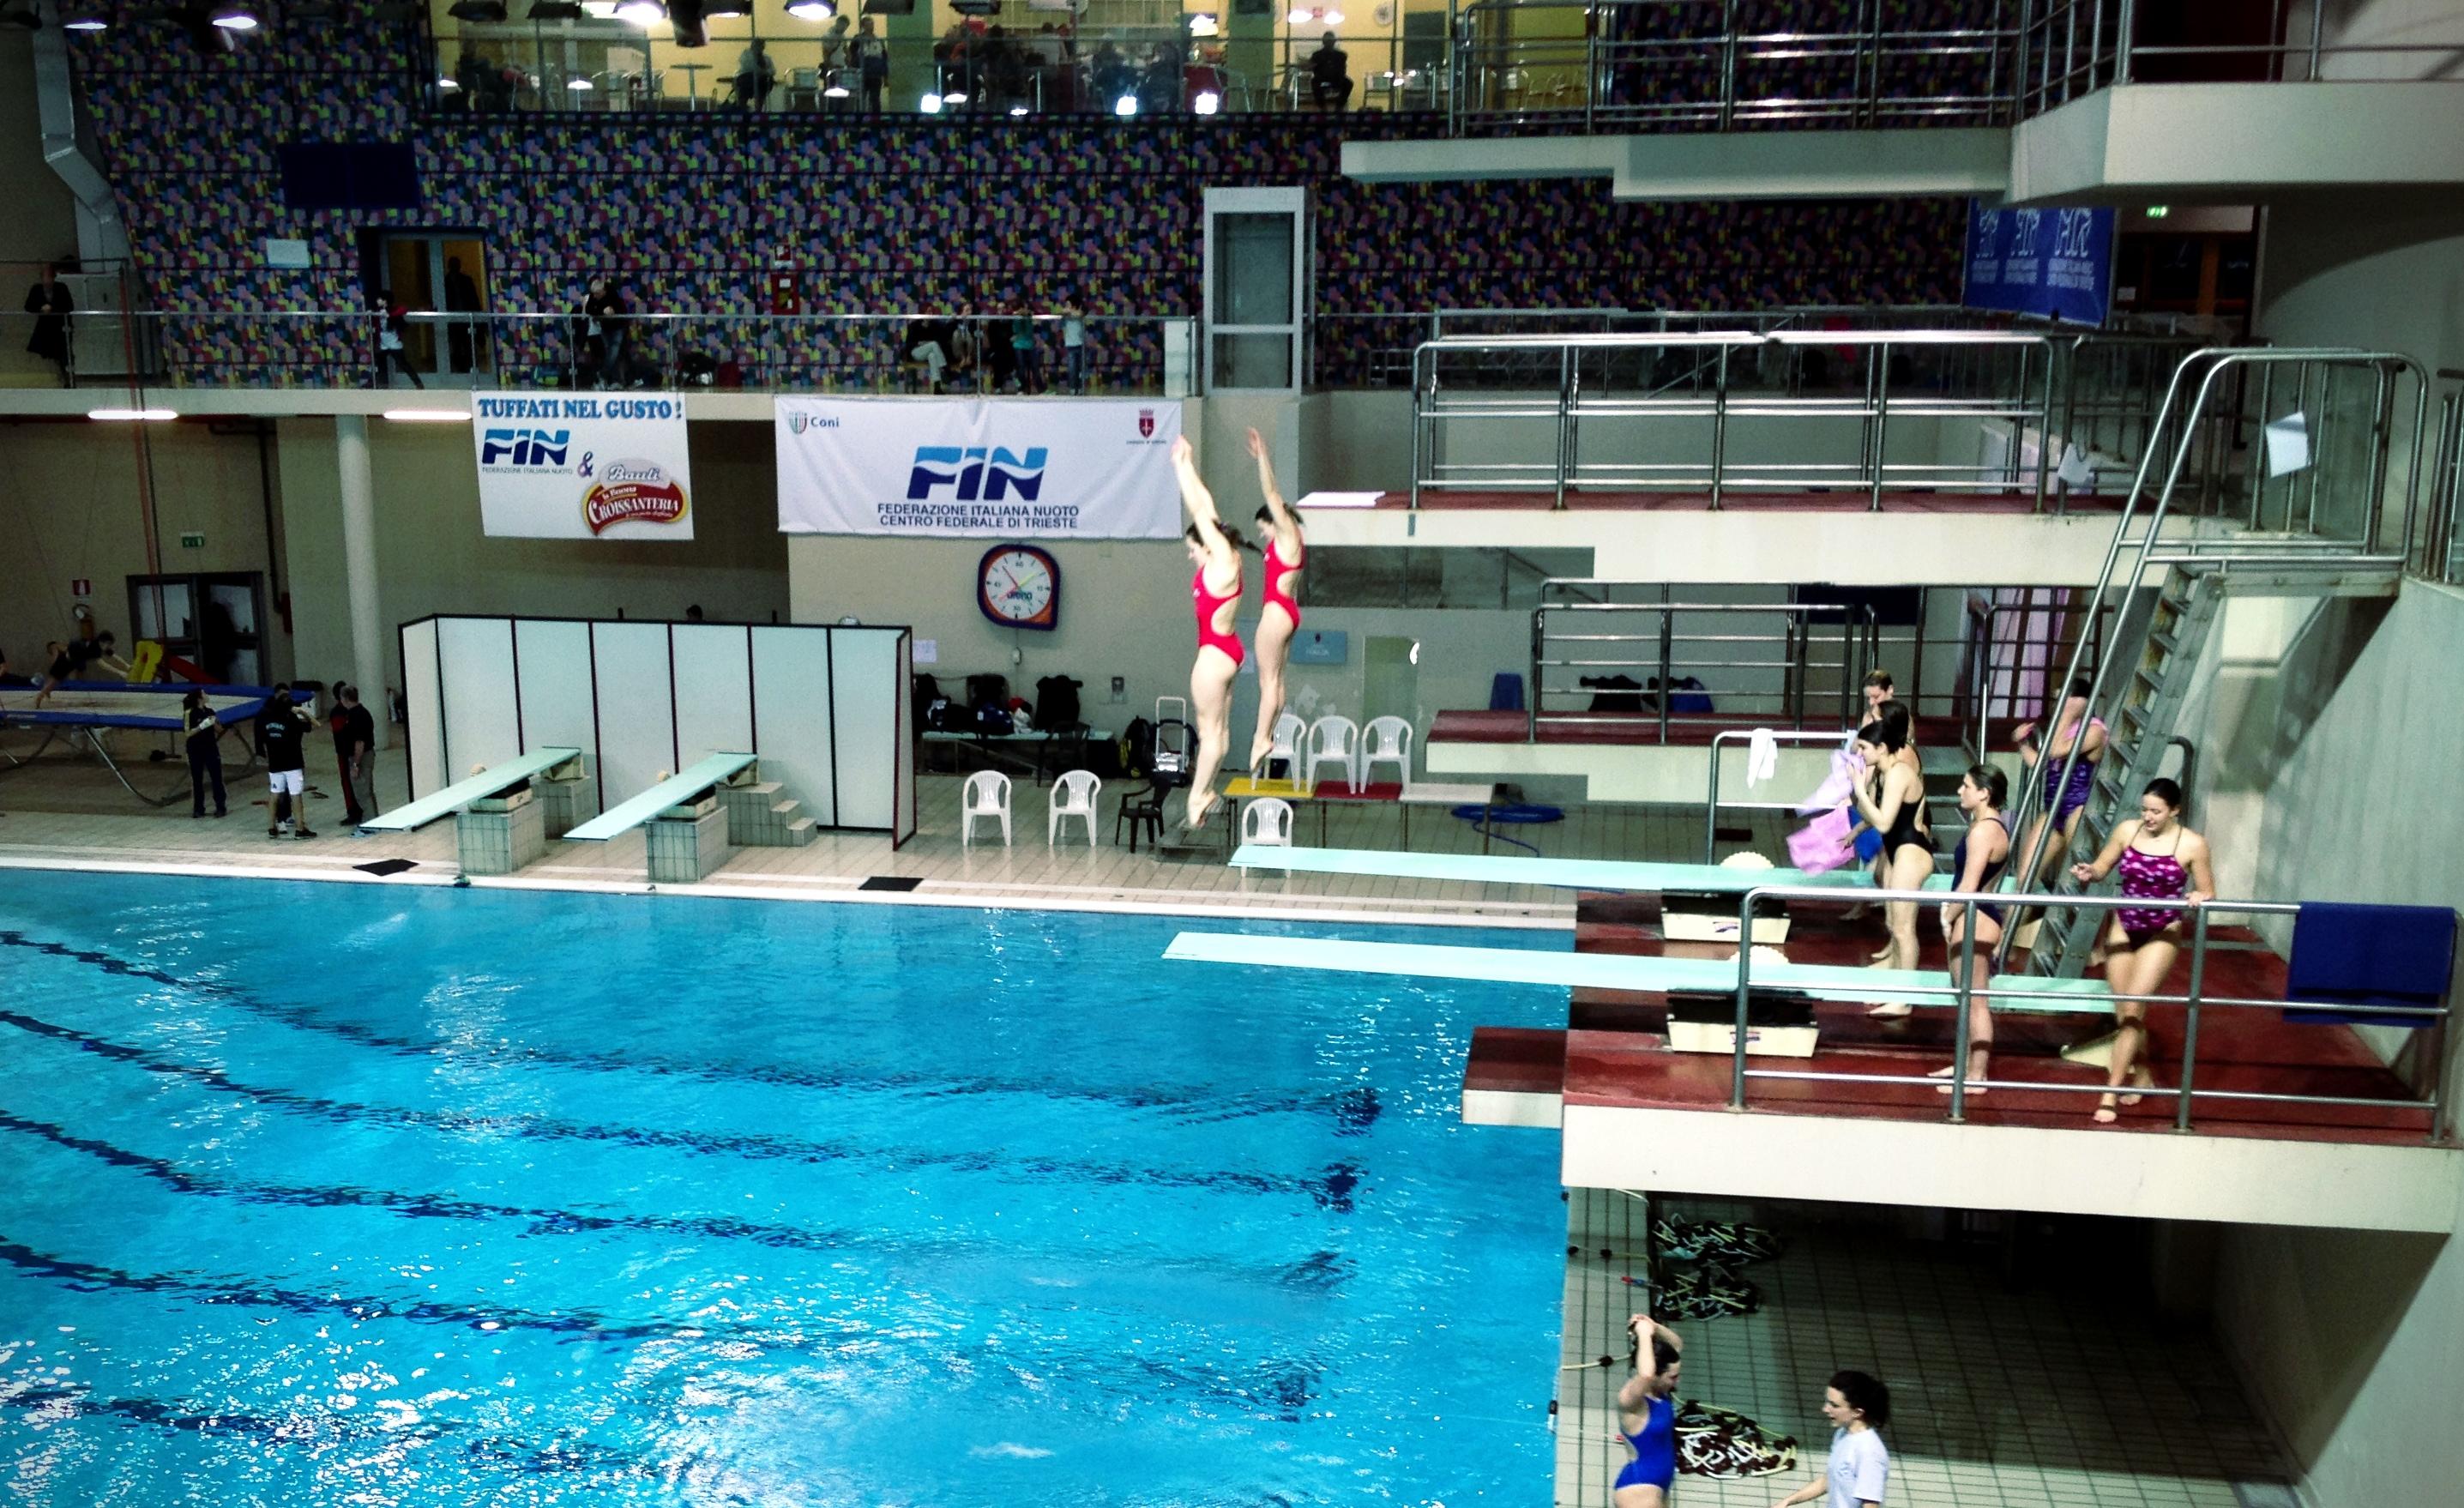 Coppa Rio 2016: la finale femminile da tre metri